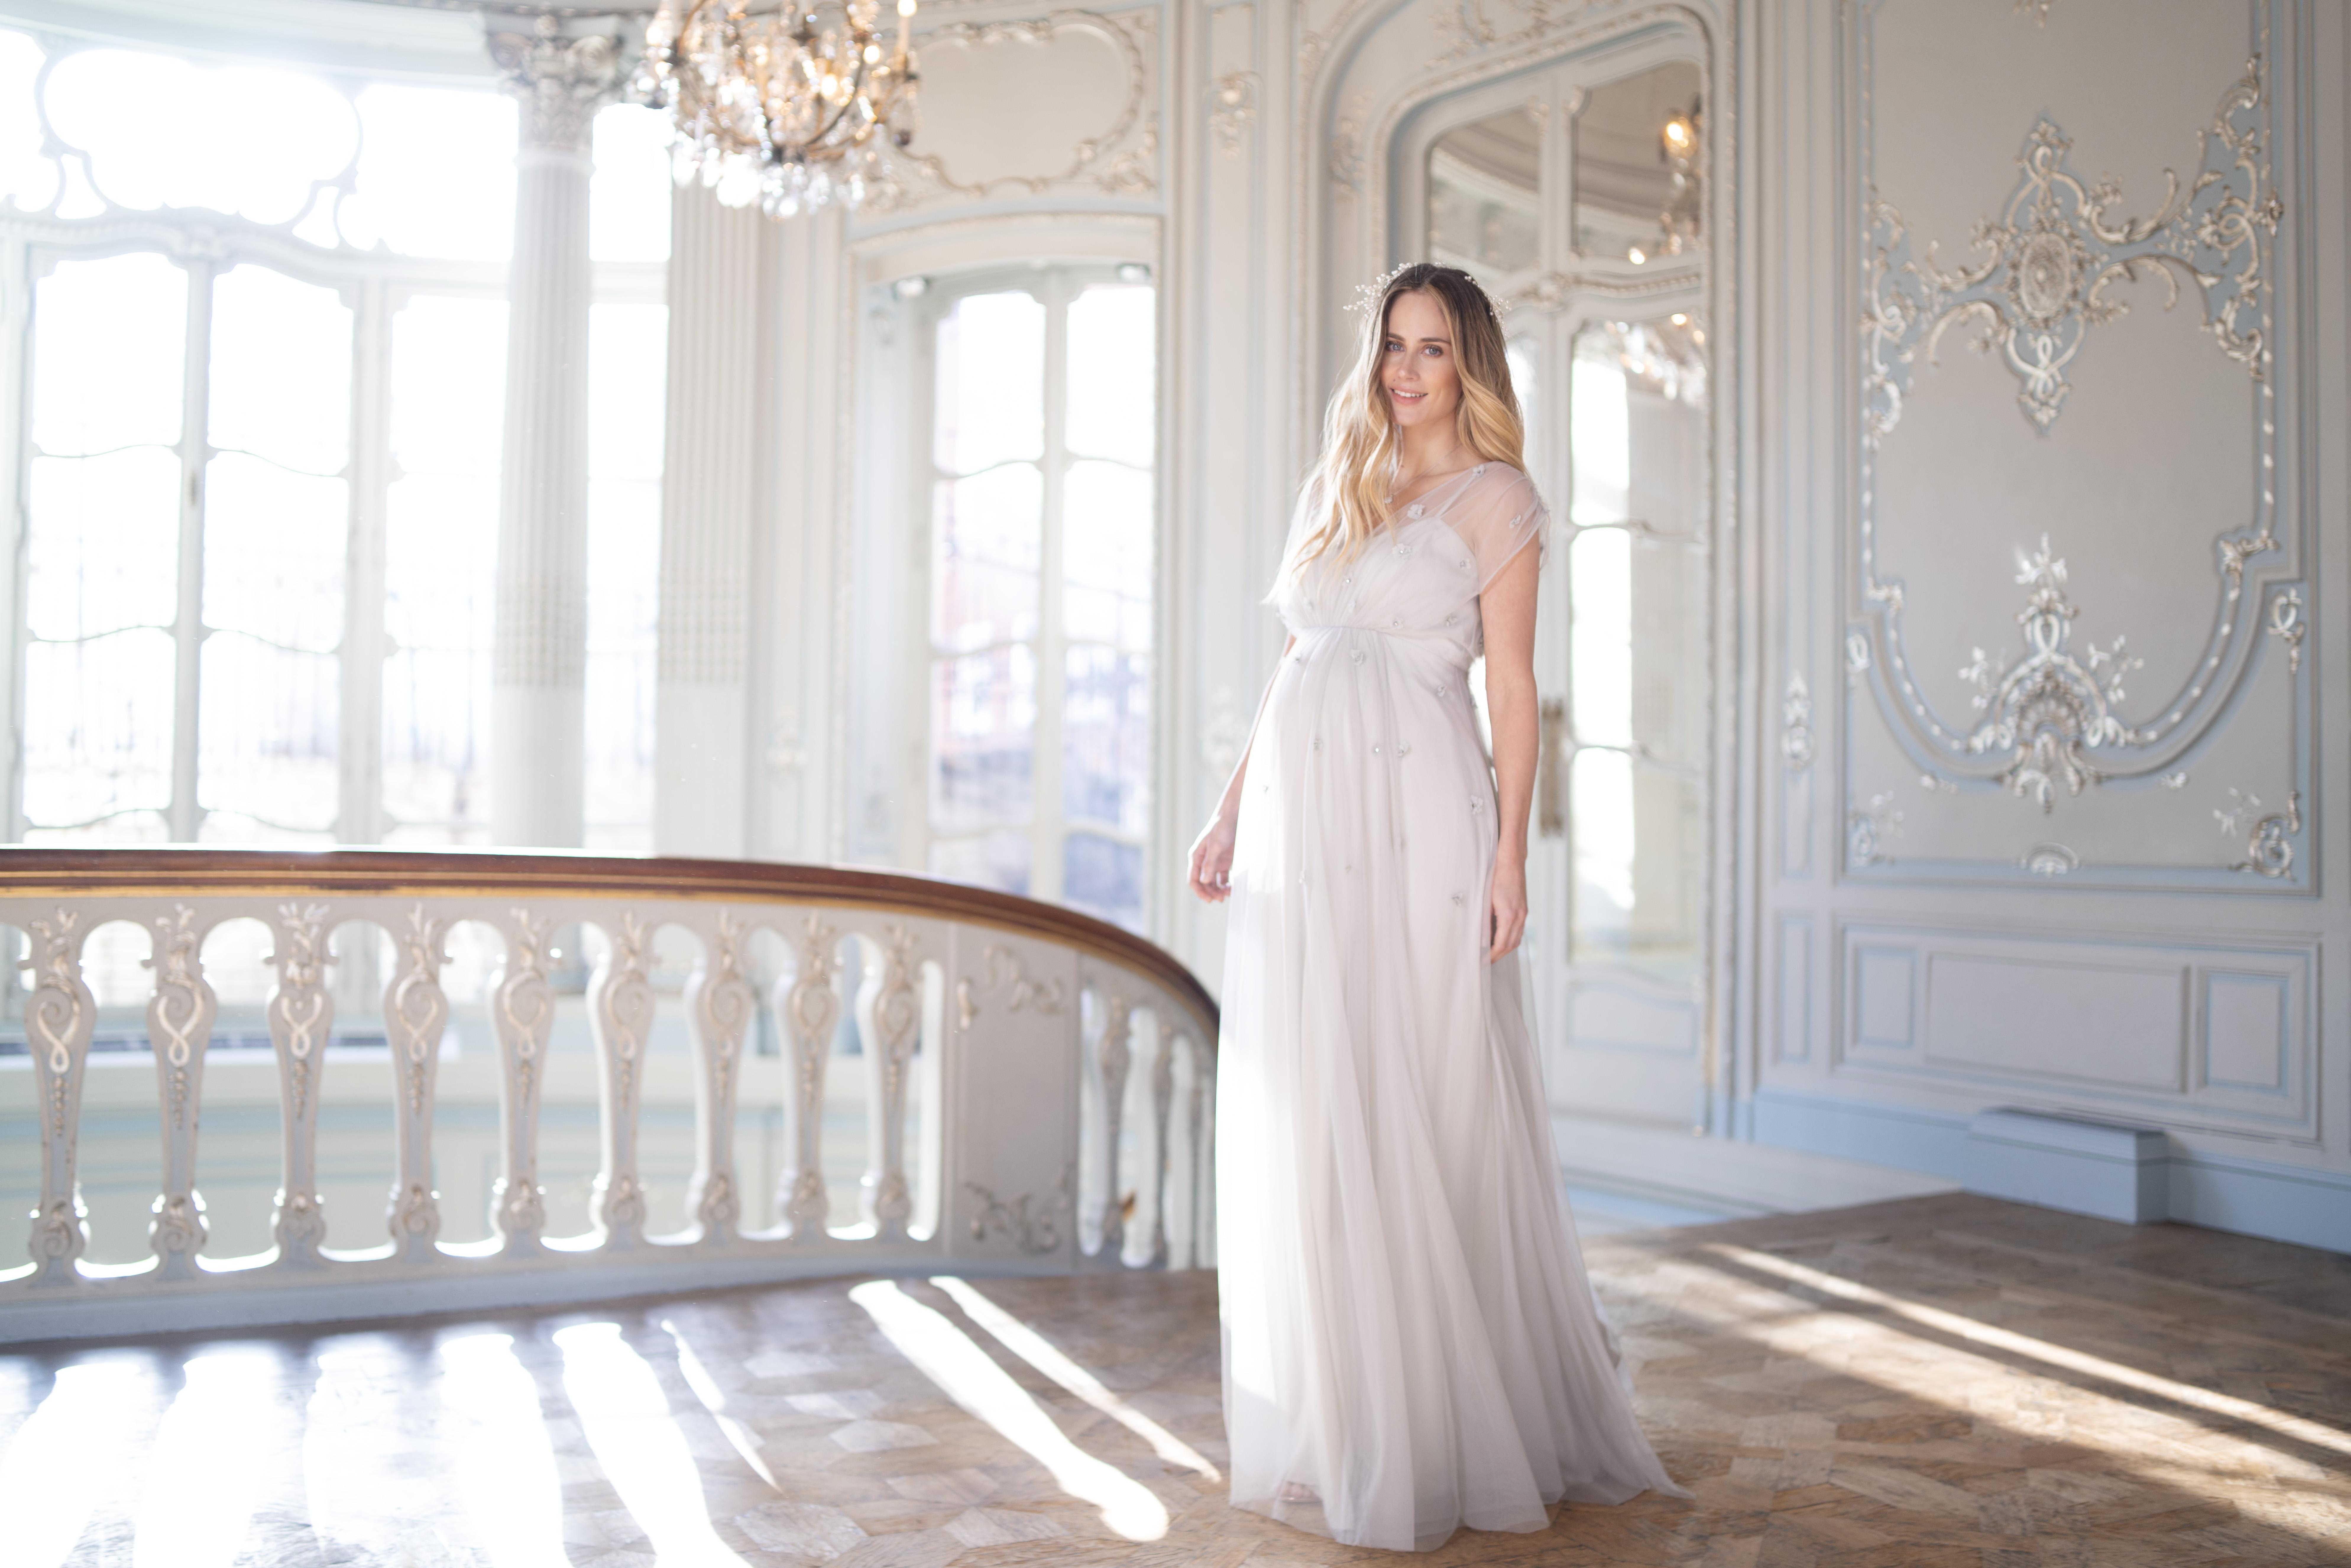 Robe De Mariee Femme Enceinte